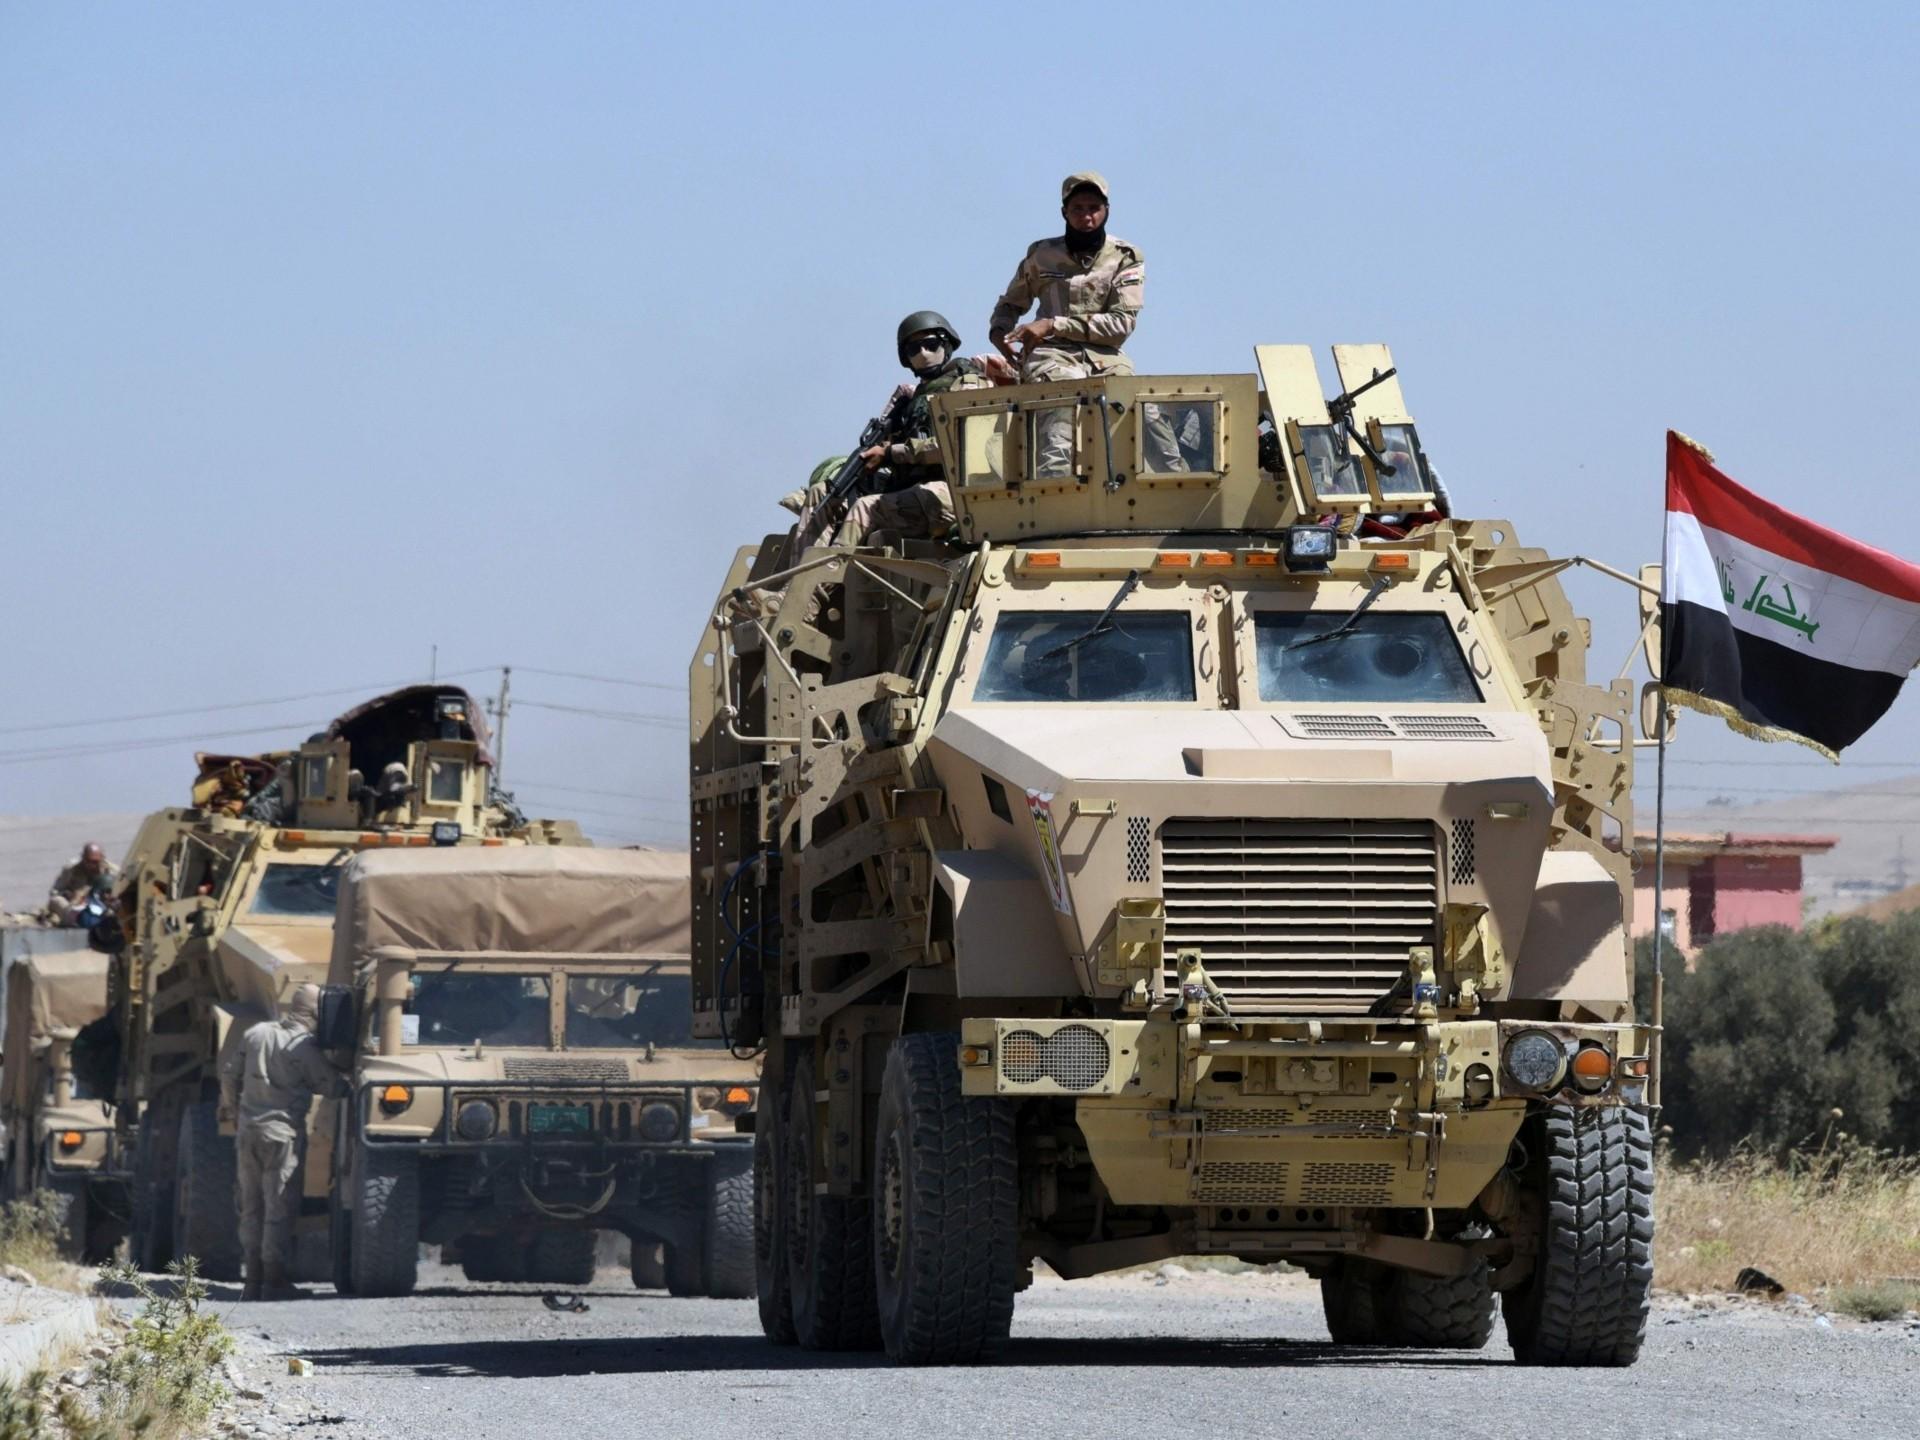 الاستخبارات العراقية تلقى القبض على عنصرين بتنظيم داعش فى كركوك